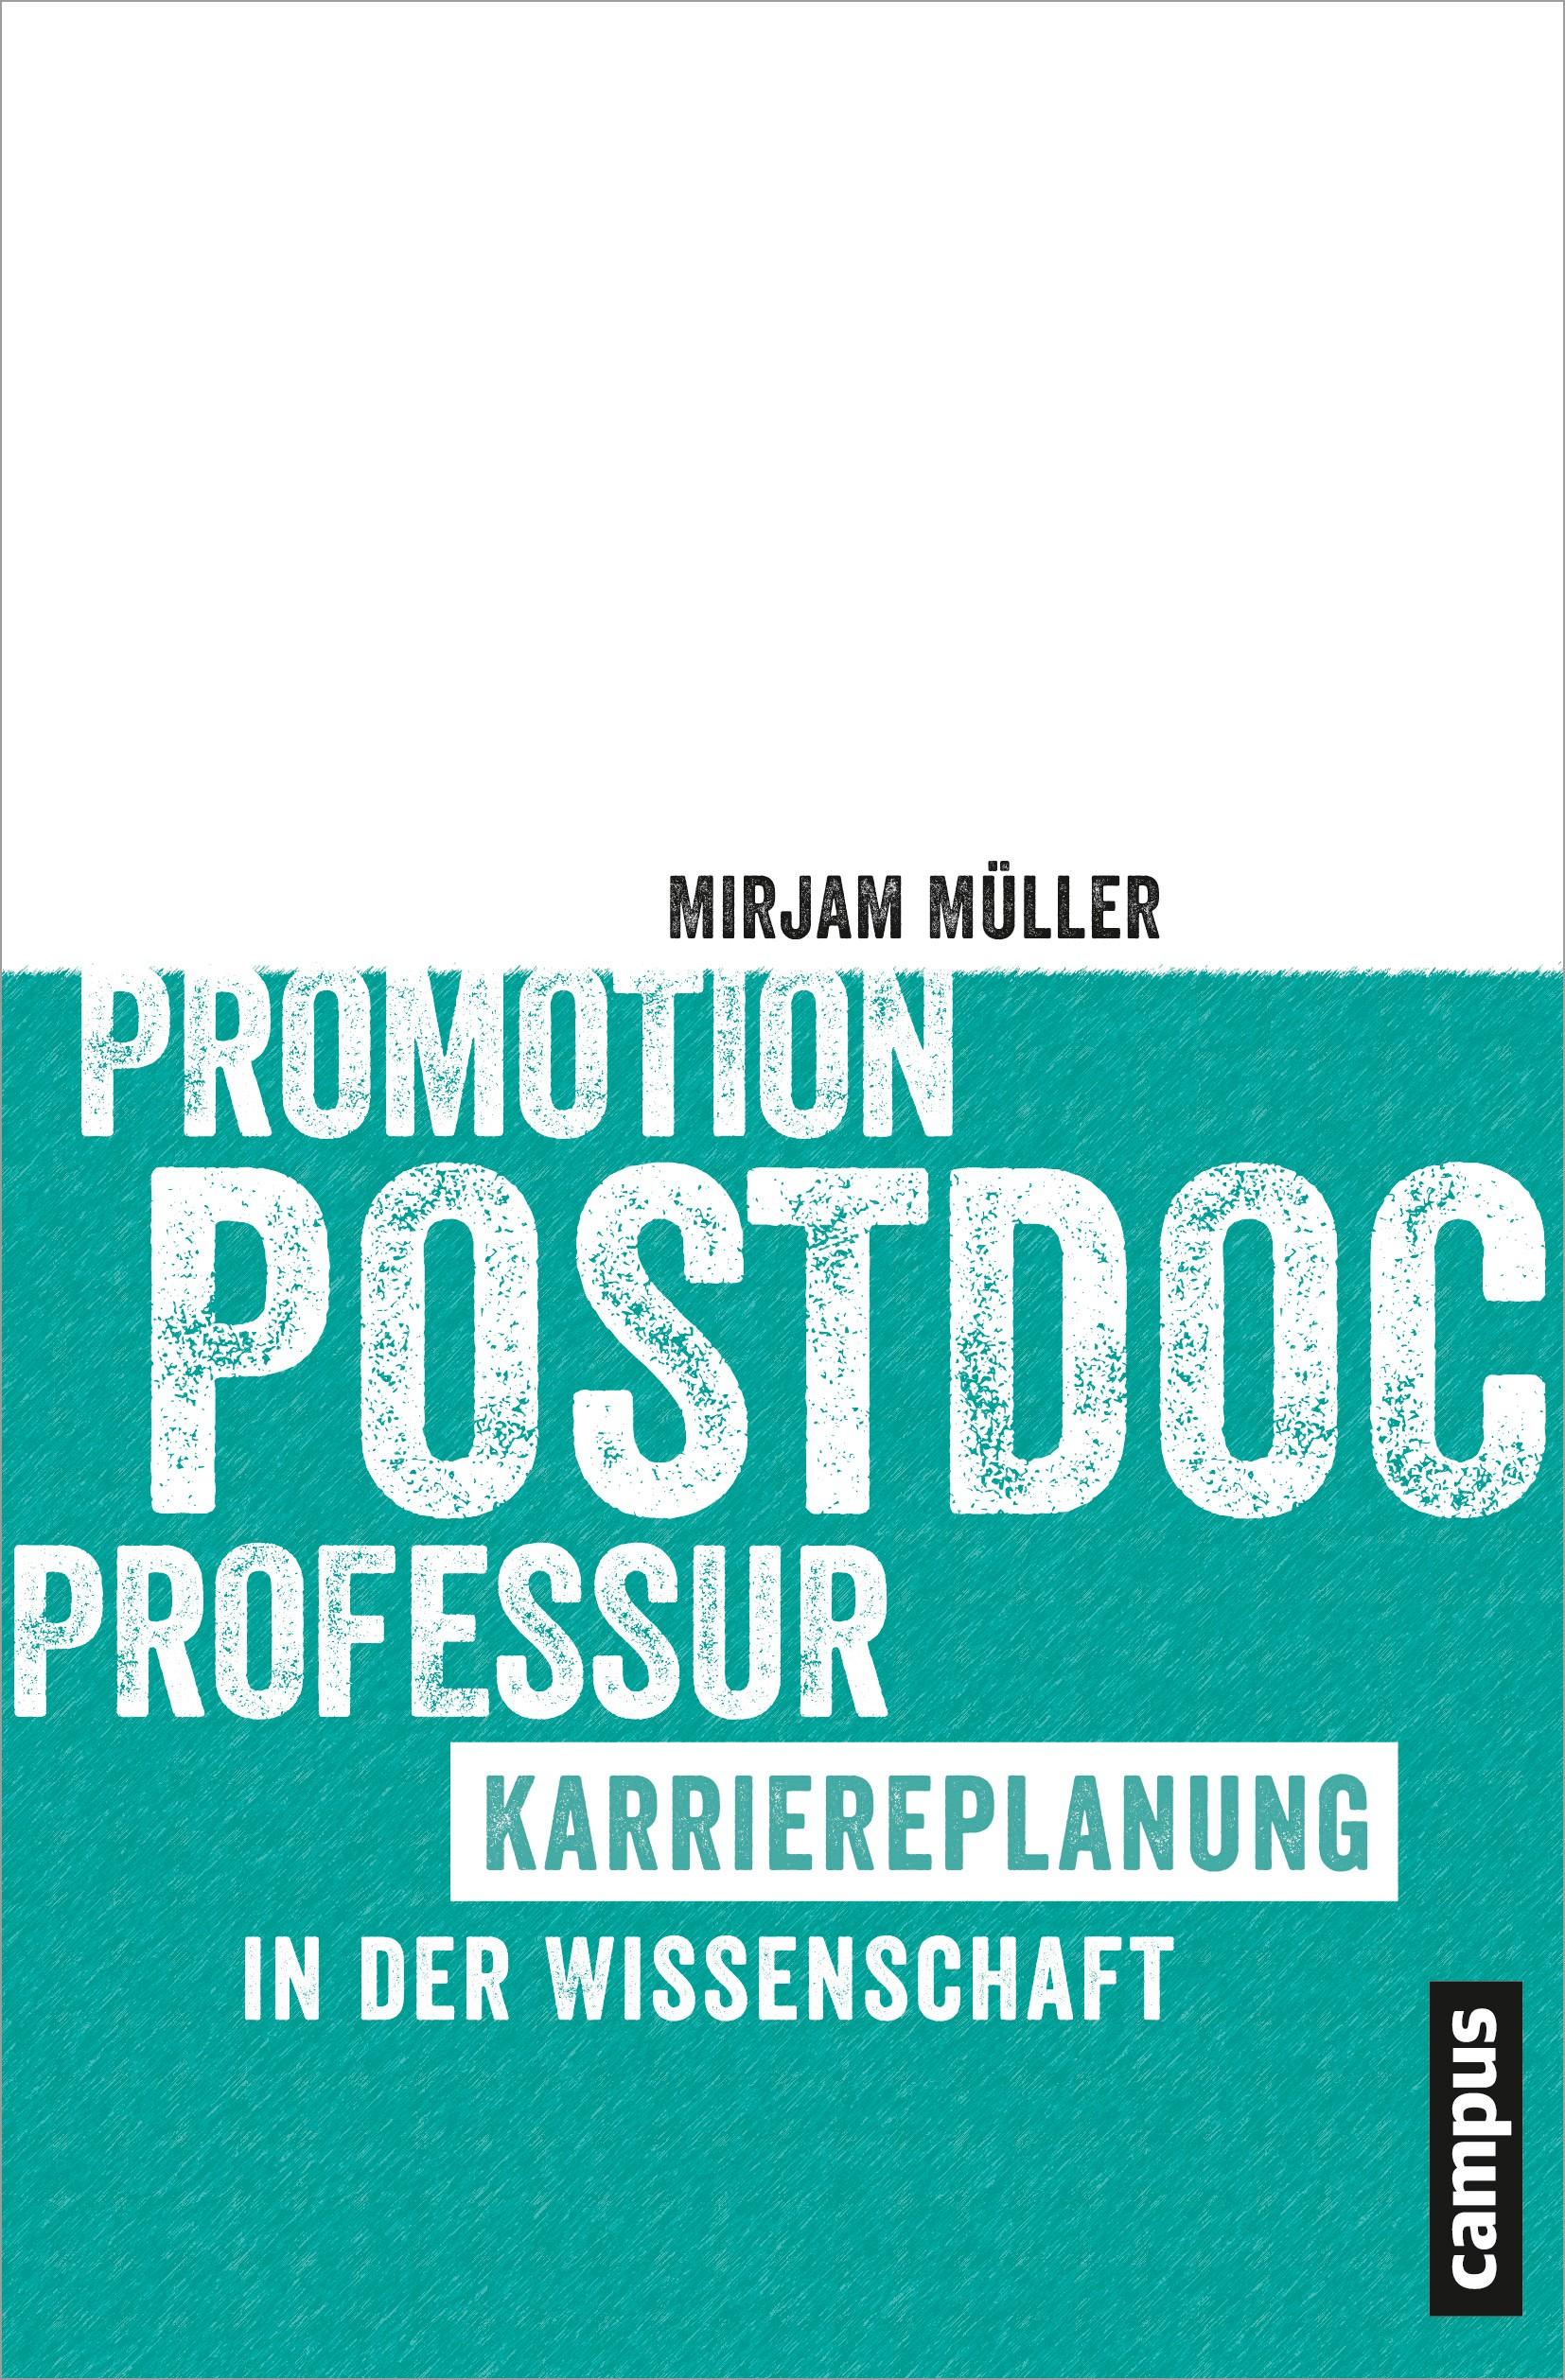 Promotion - Postdoc - Professur | Müller | 1. Aktualisierter Nachdruck 2017 Auflage, 2014 | Buch (Cover)